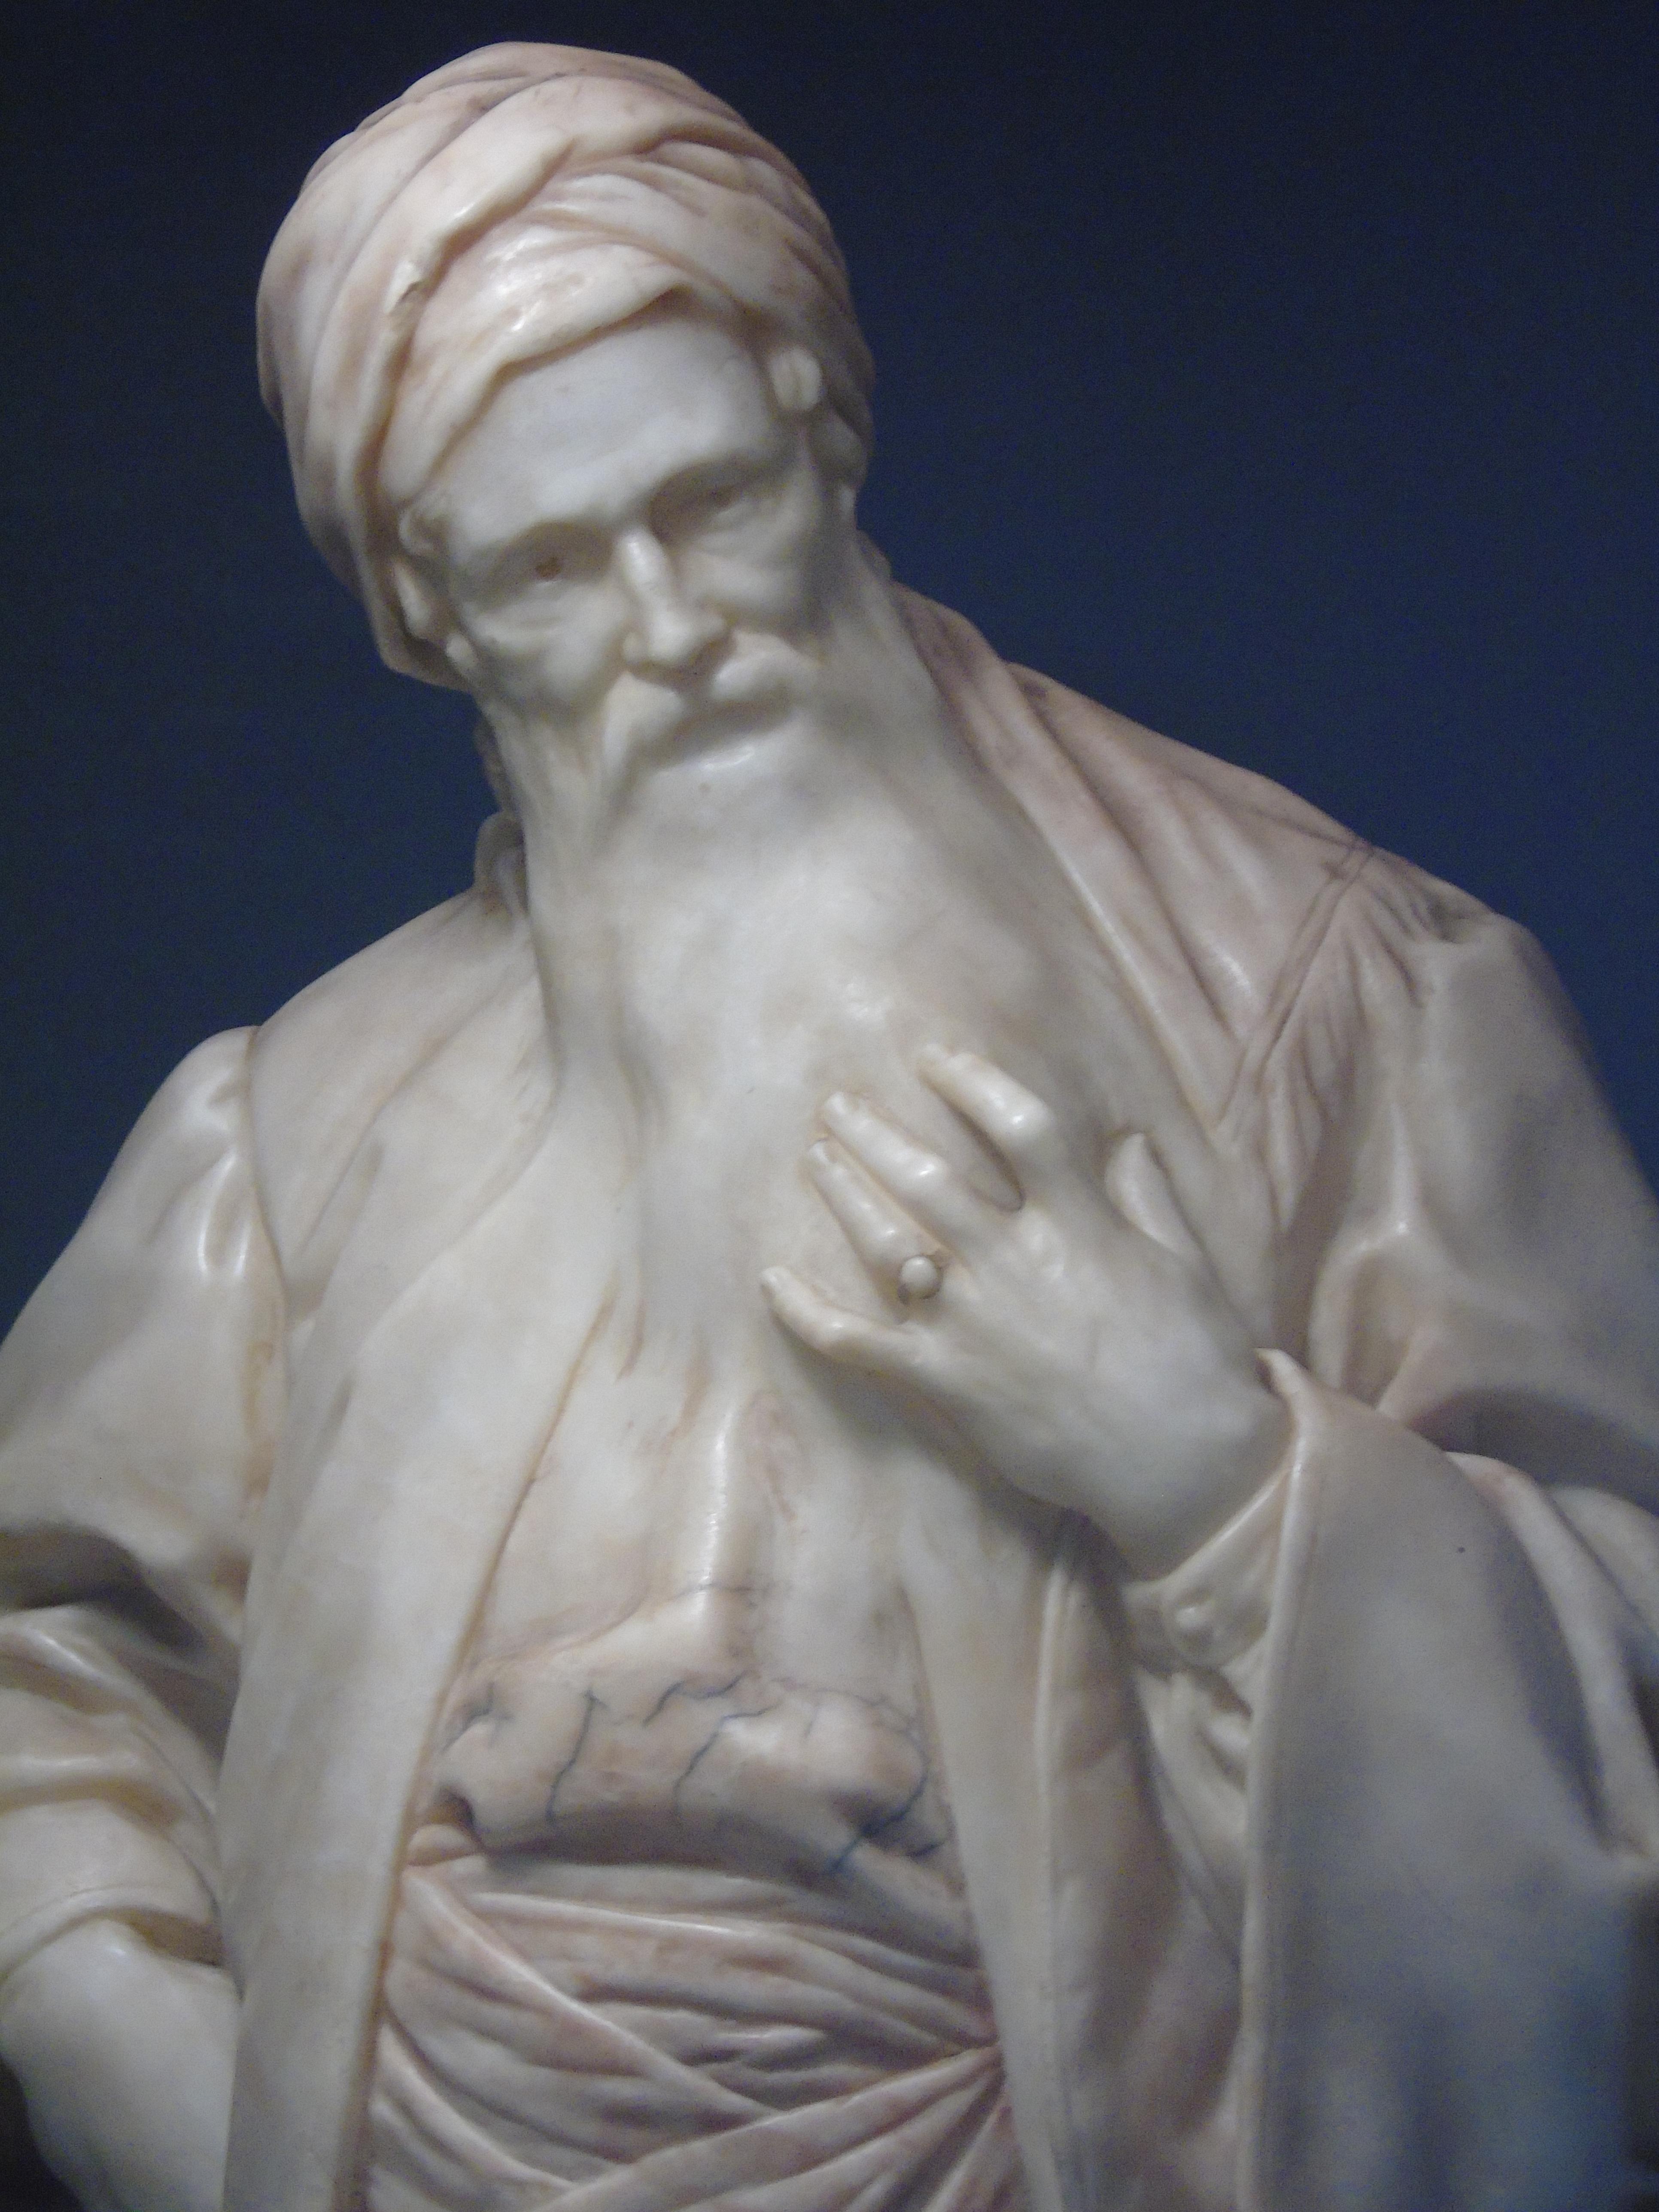 nathan der weise charakterisierung patriarch